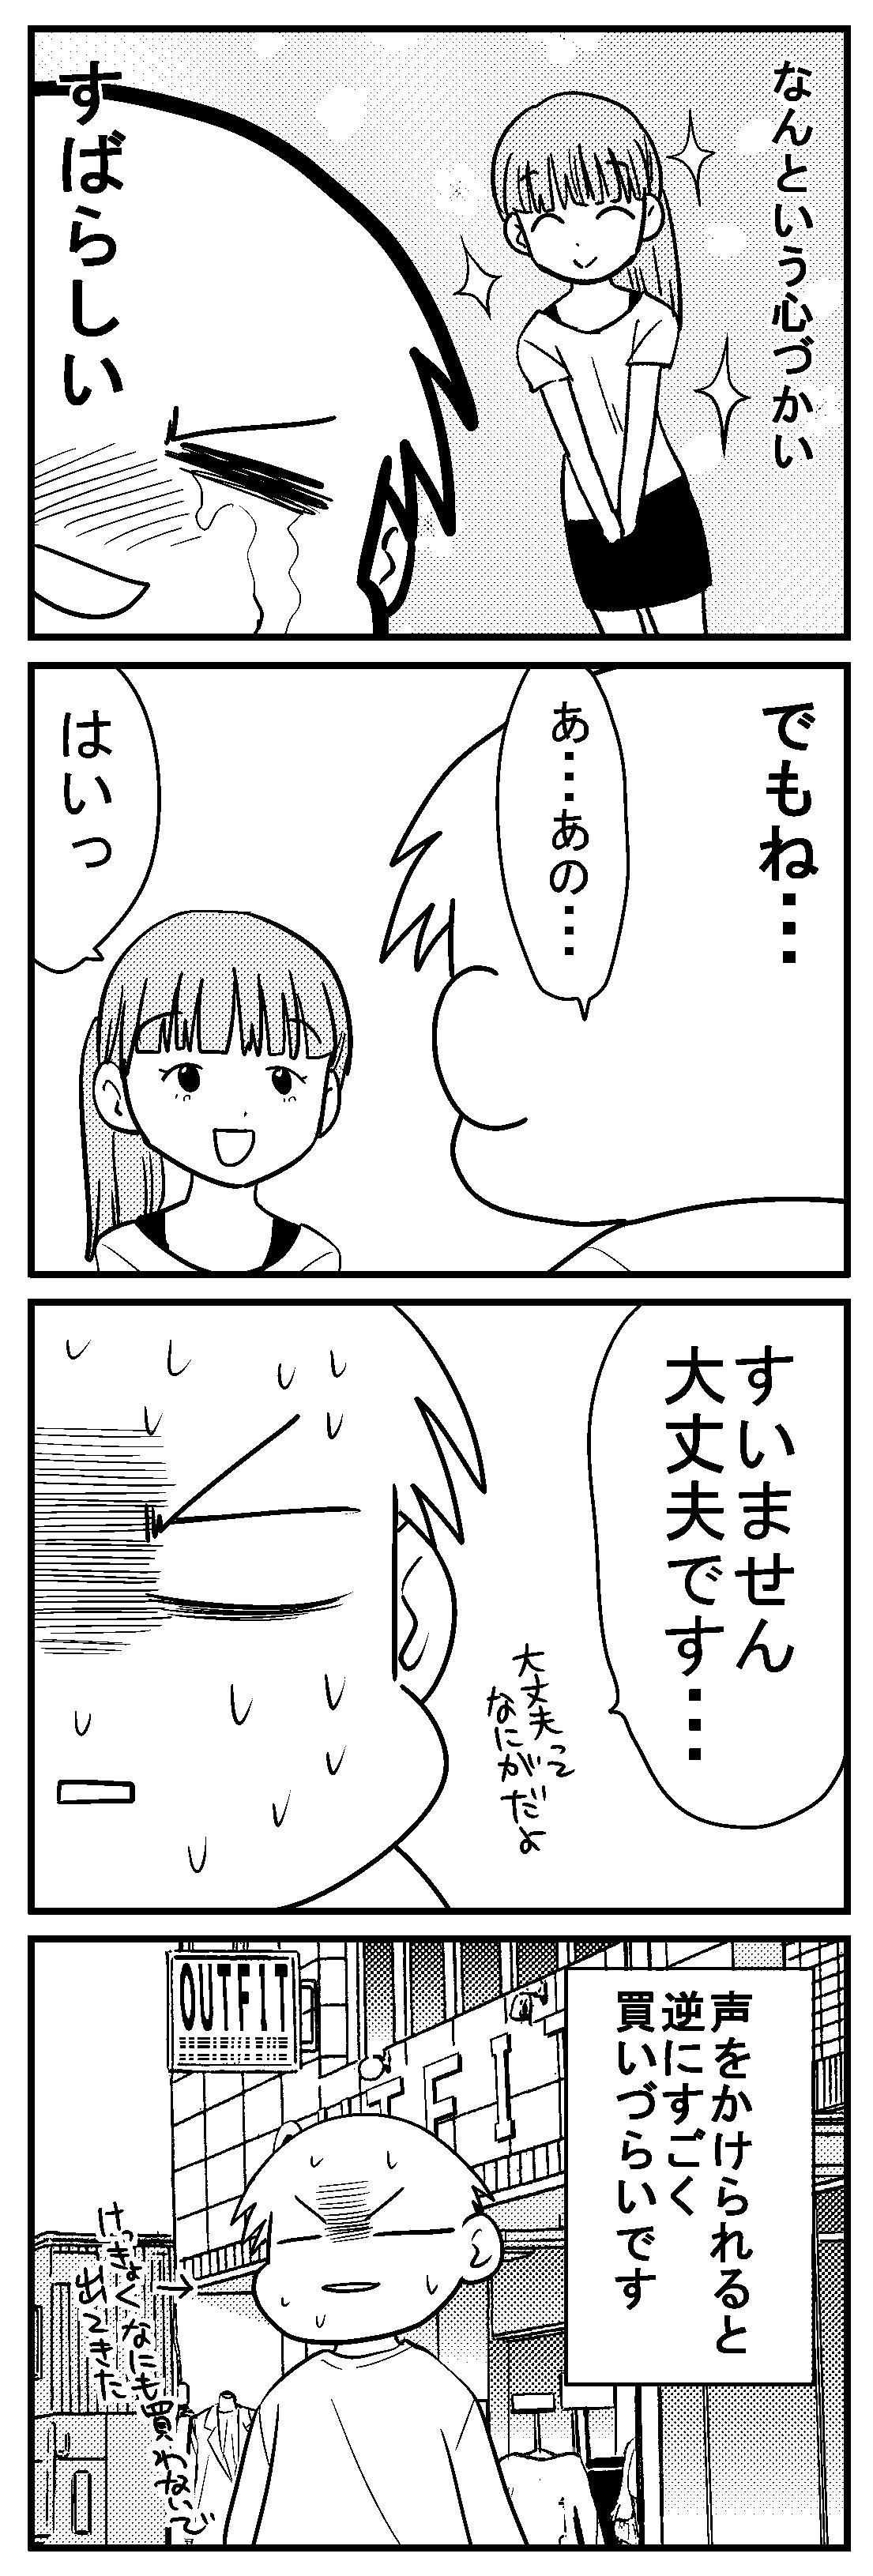 深読みくん35 4